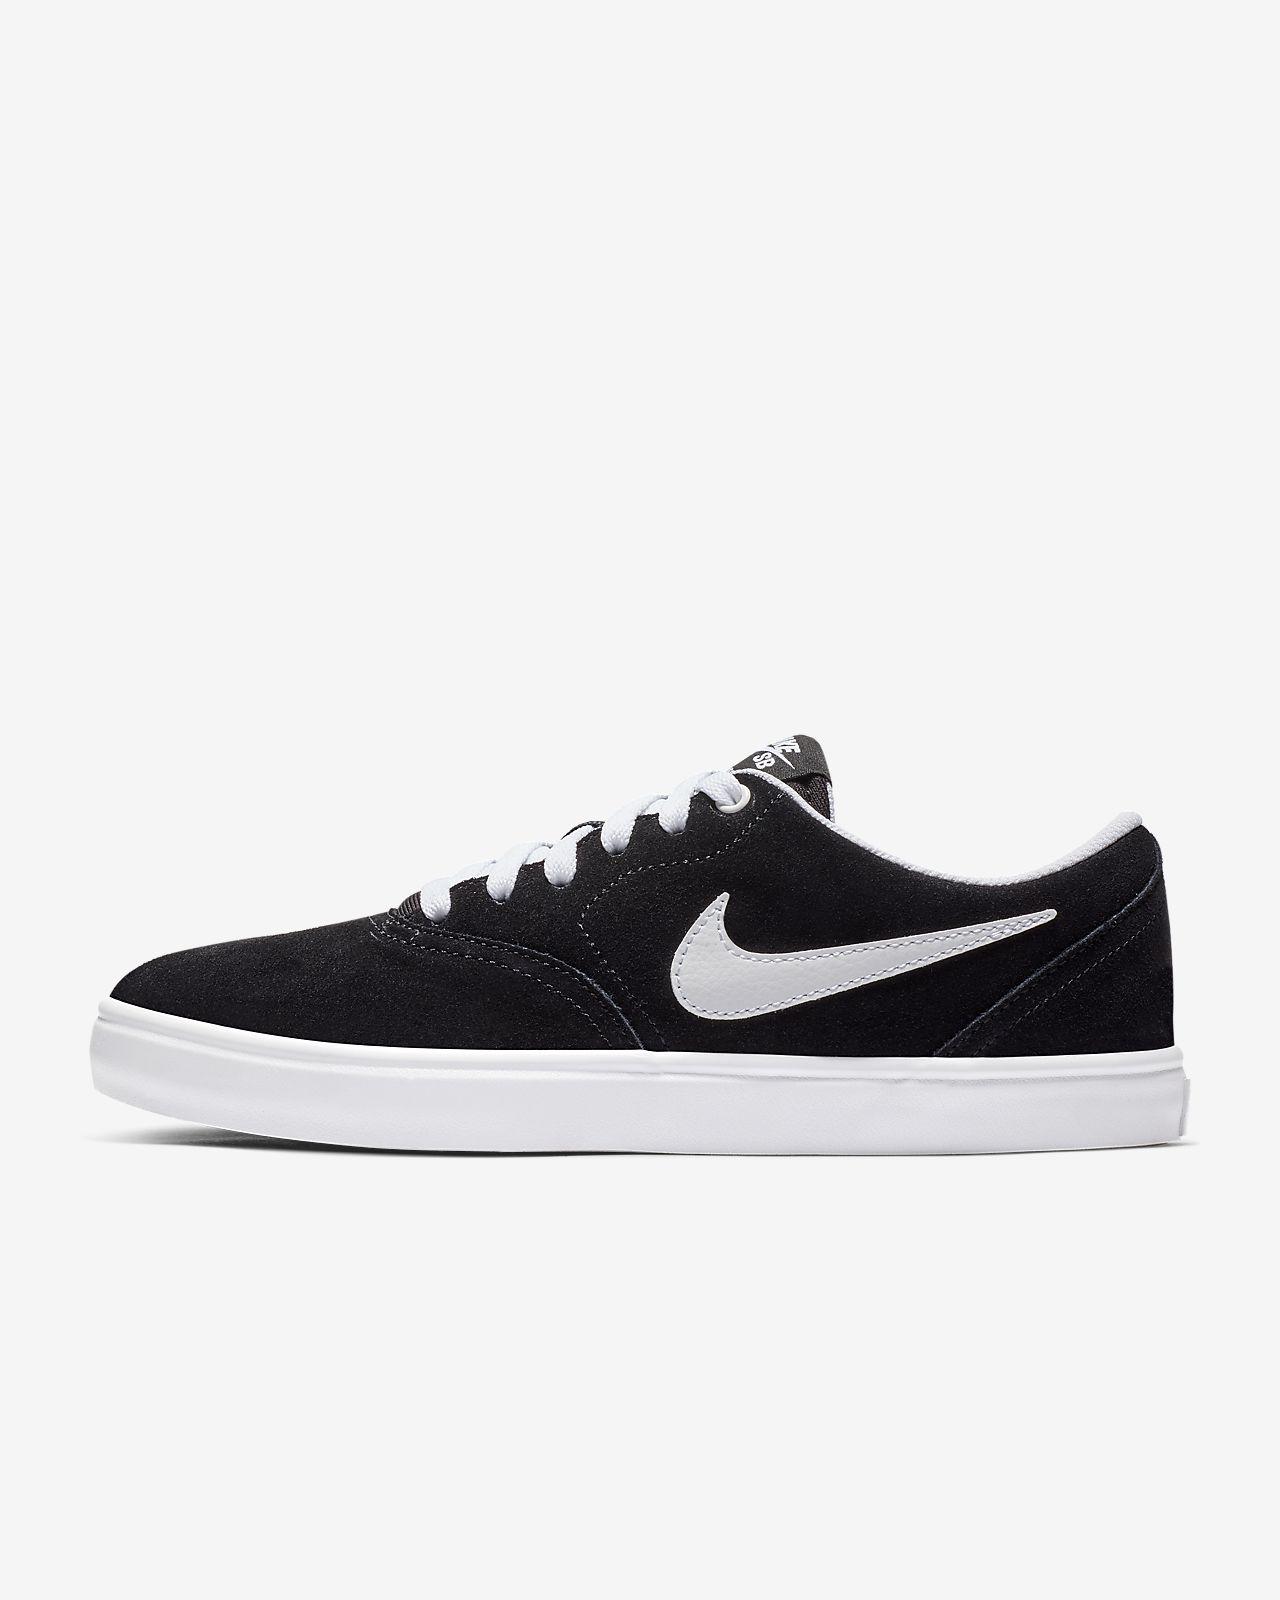 nowy produkt sprzedaż uk specjalne wyprzedaże Damskie buty do skateboardingu Nike SB Check Solarsoft